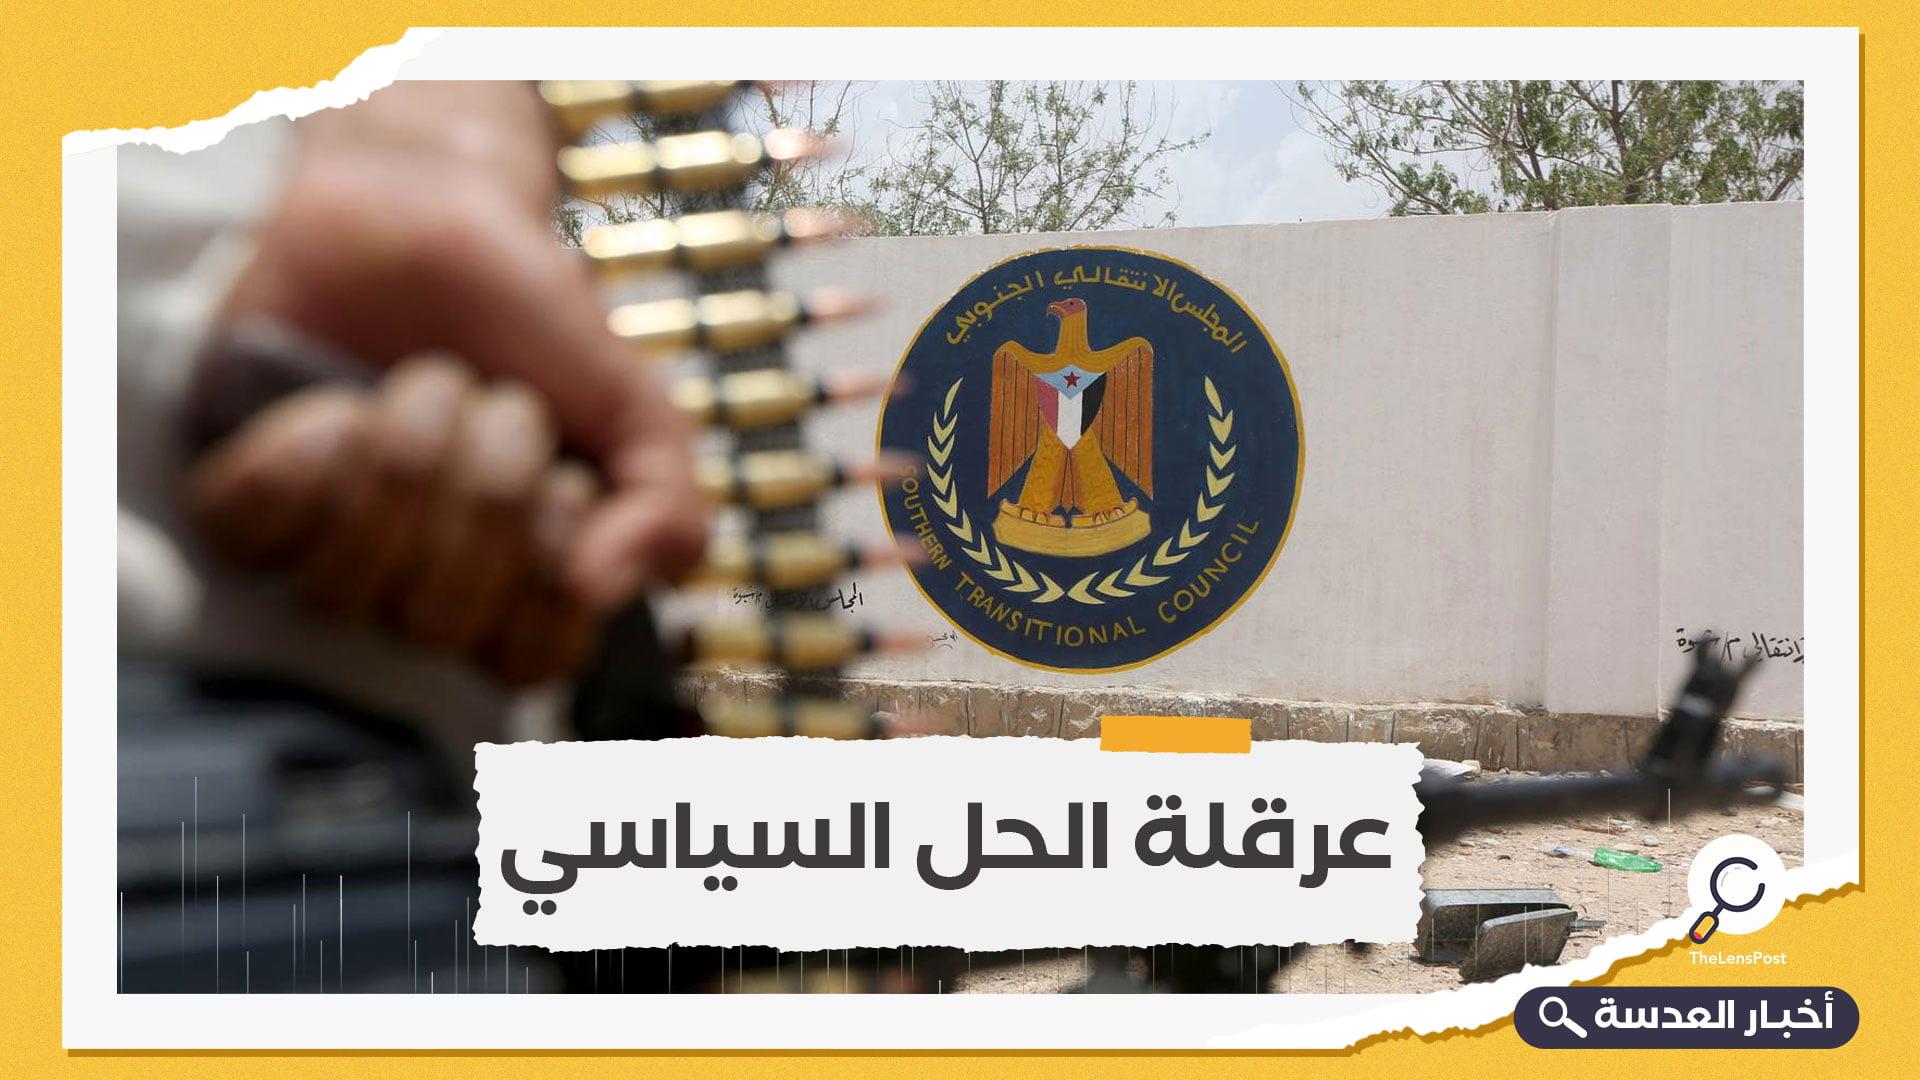 من جديد.. المجلس المدعوم إماراتيًا يعرقل الحل السياسي في اليمن ويعلن منع تنفيذ قرارات هادي